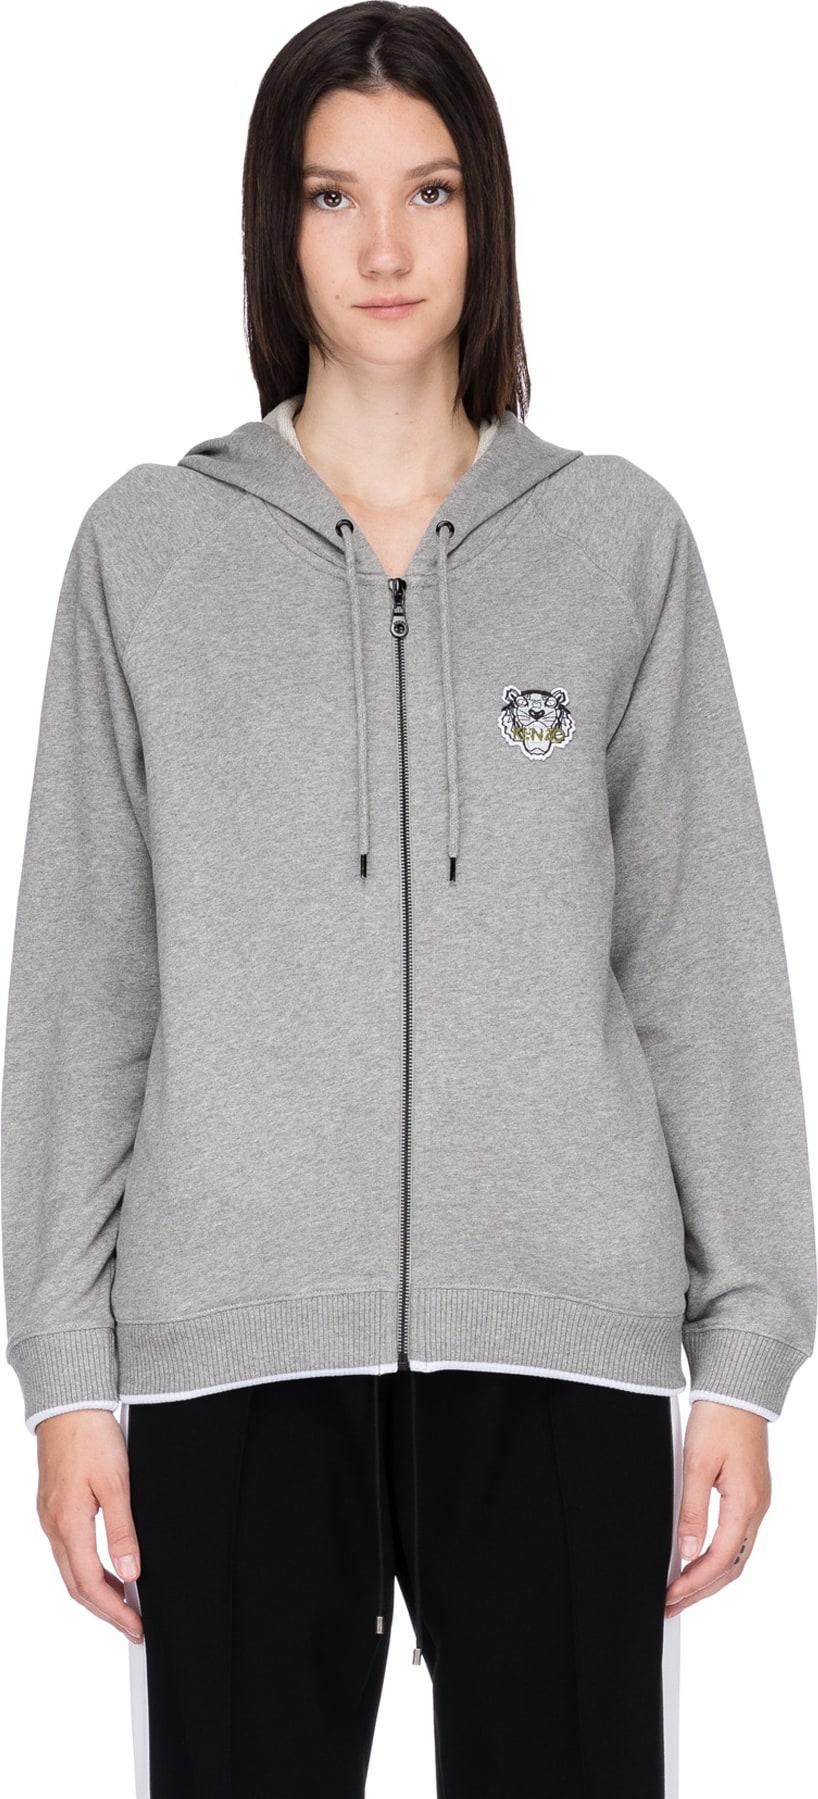 f6cd6b14 Kenzo - Tiger Crest Zip Hoodie - Dove Grey